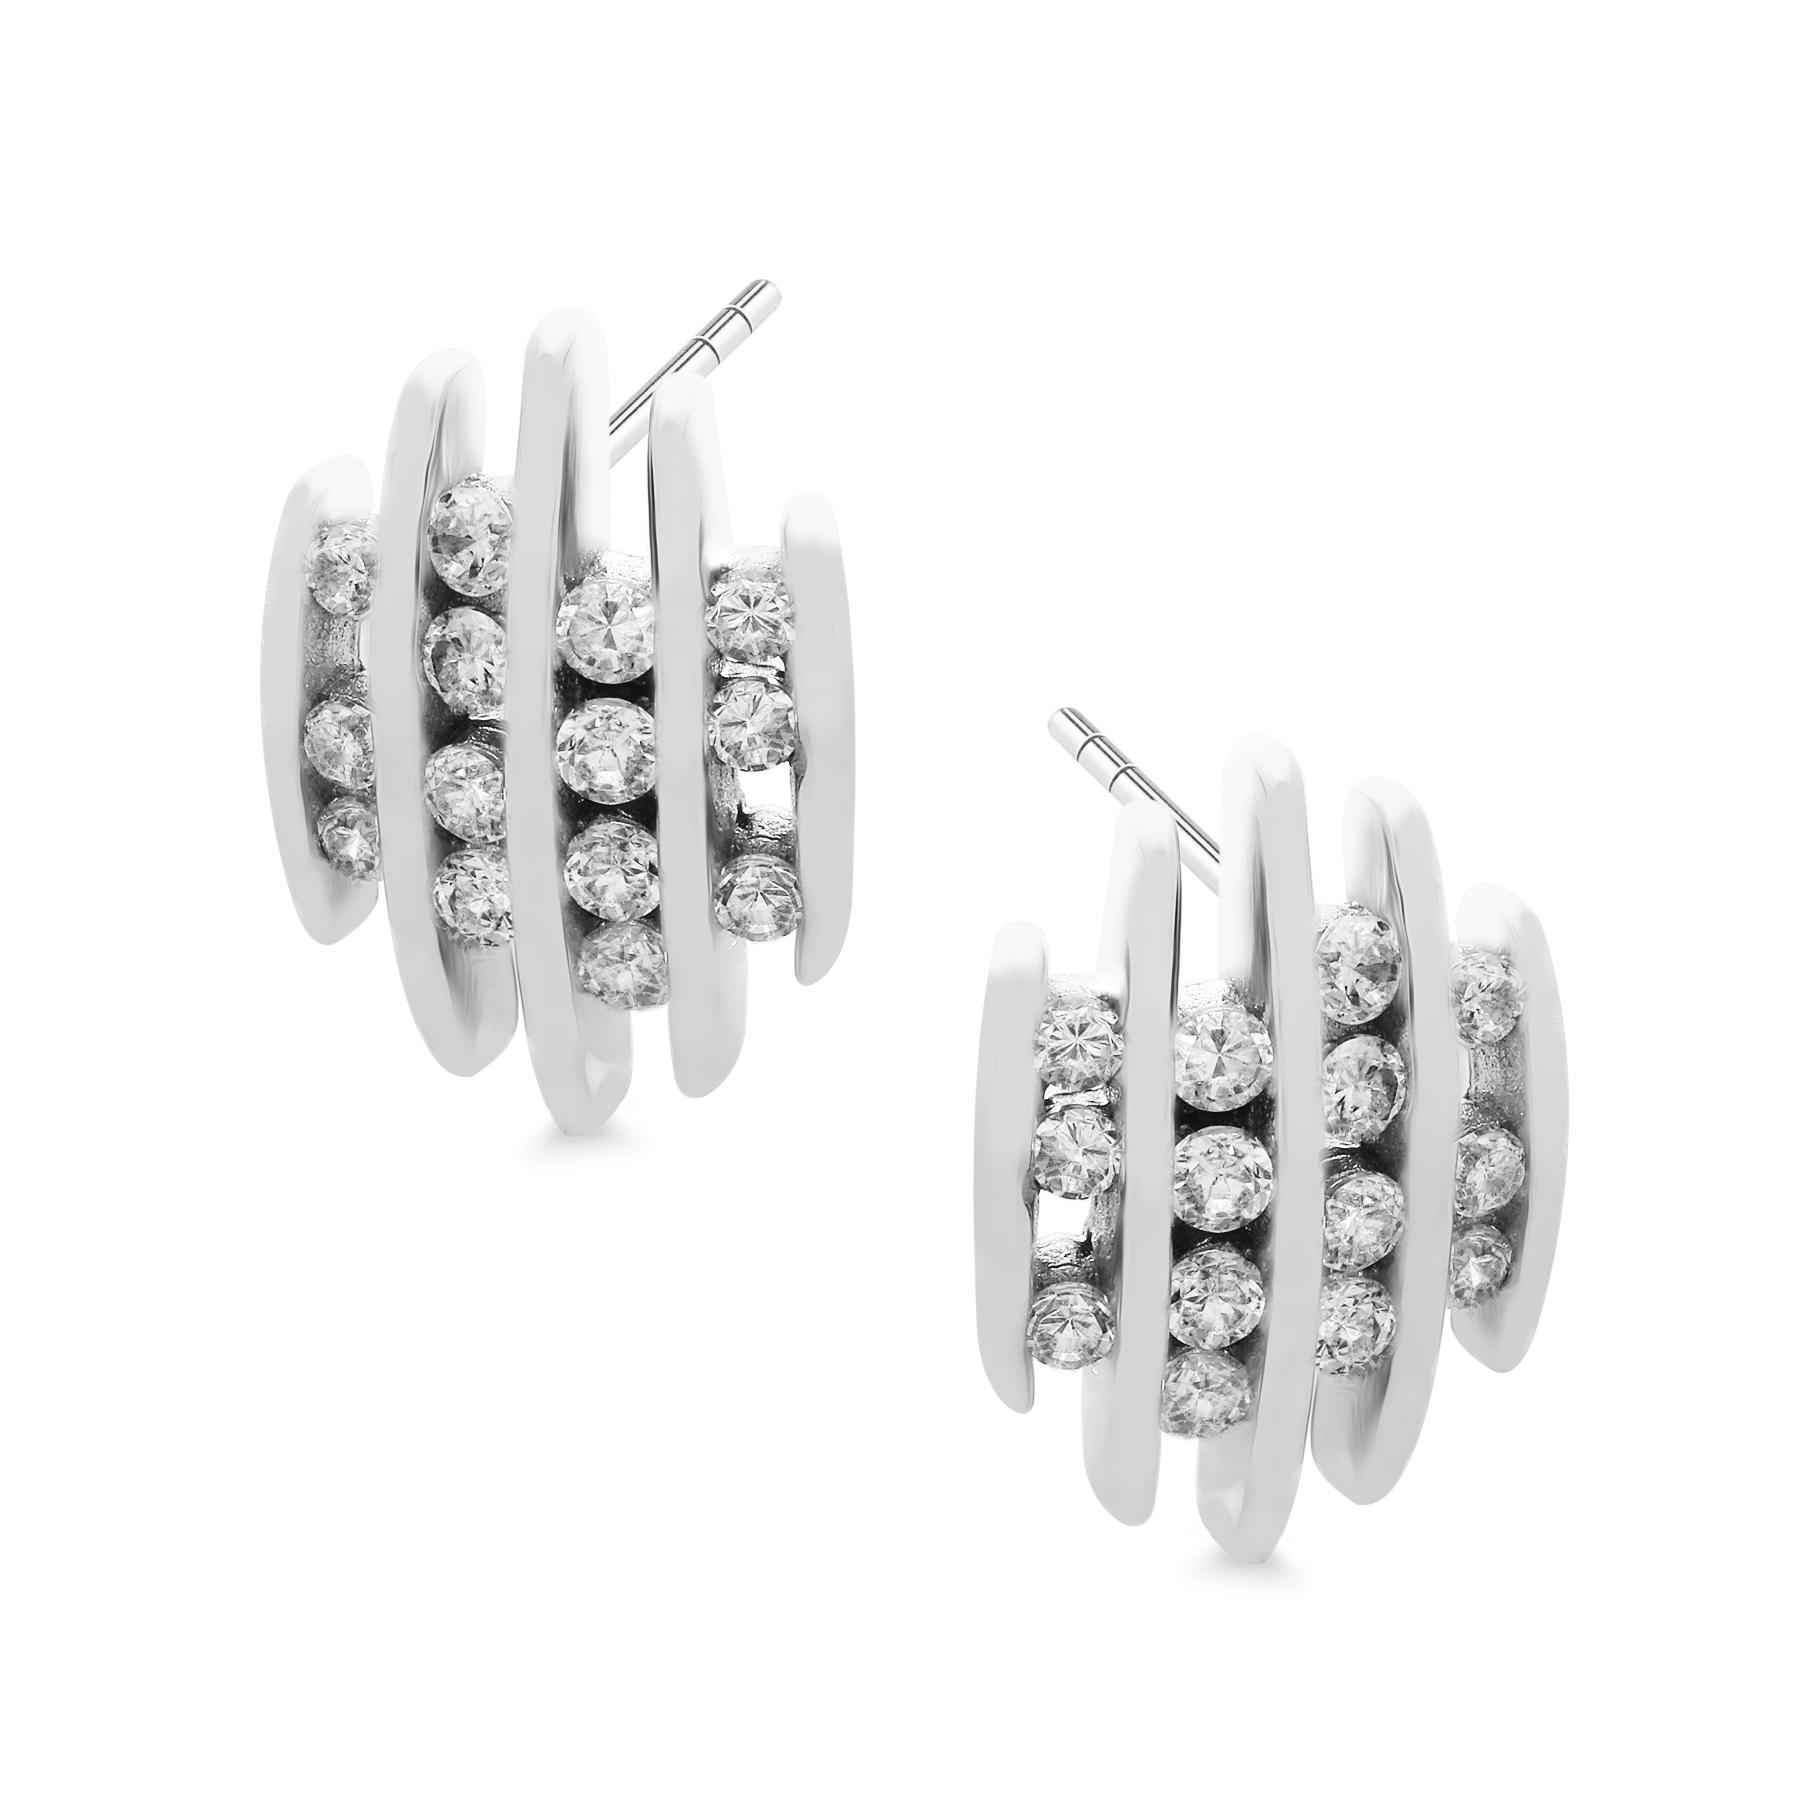 Harf KOL62313 - biżuteria